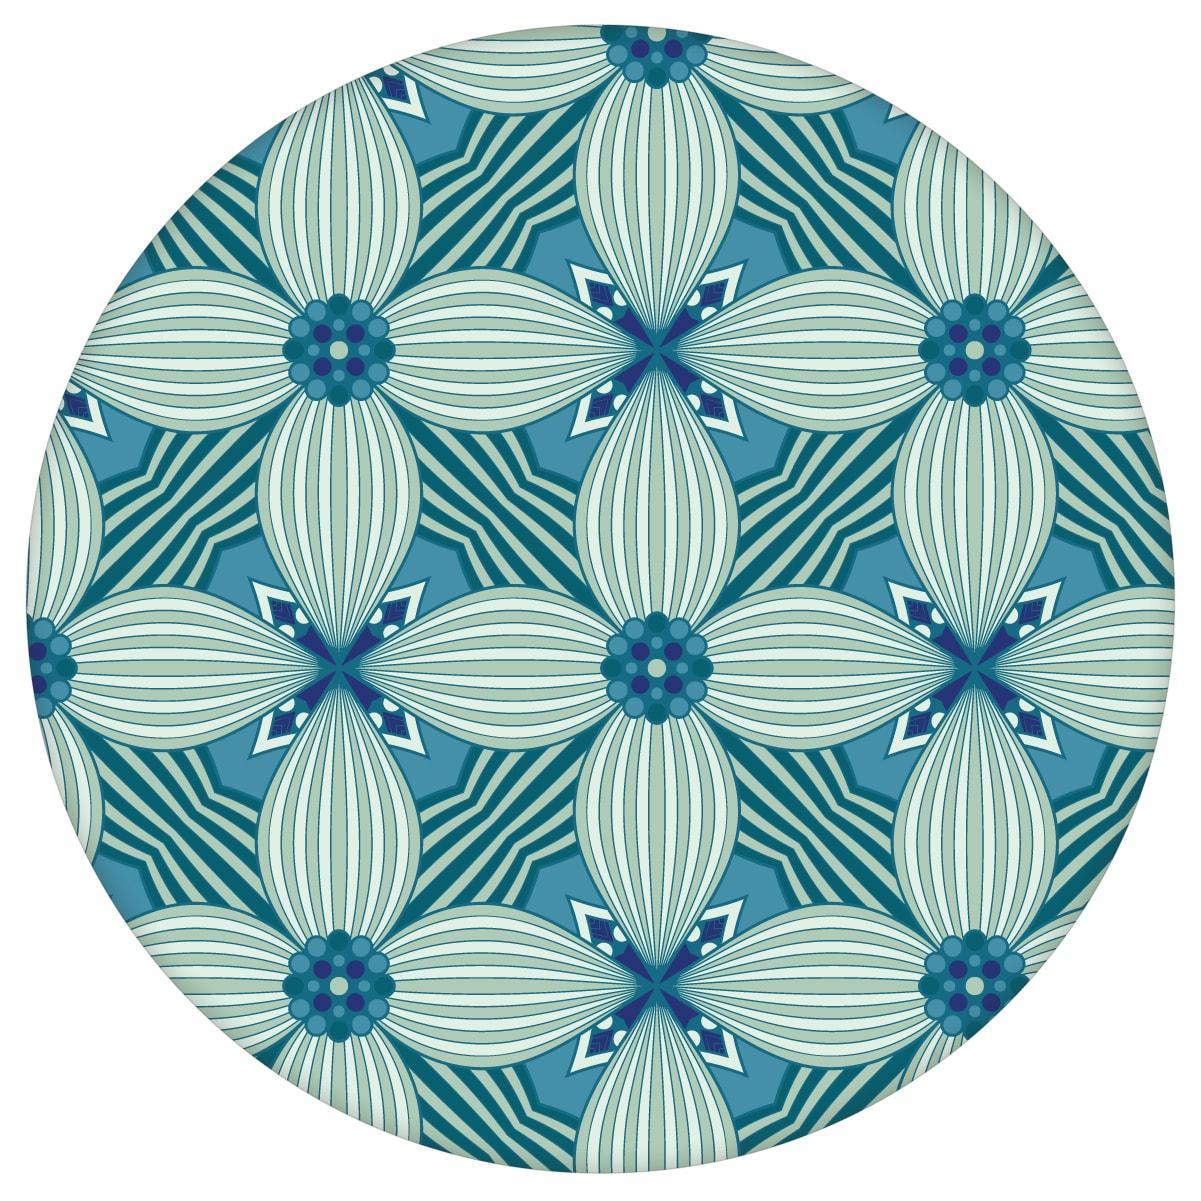 Petrol Ornamenttapete Art Deko Lilly Muster groß - Design Tapete für  Schlafzimmer